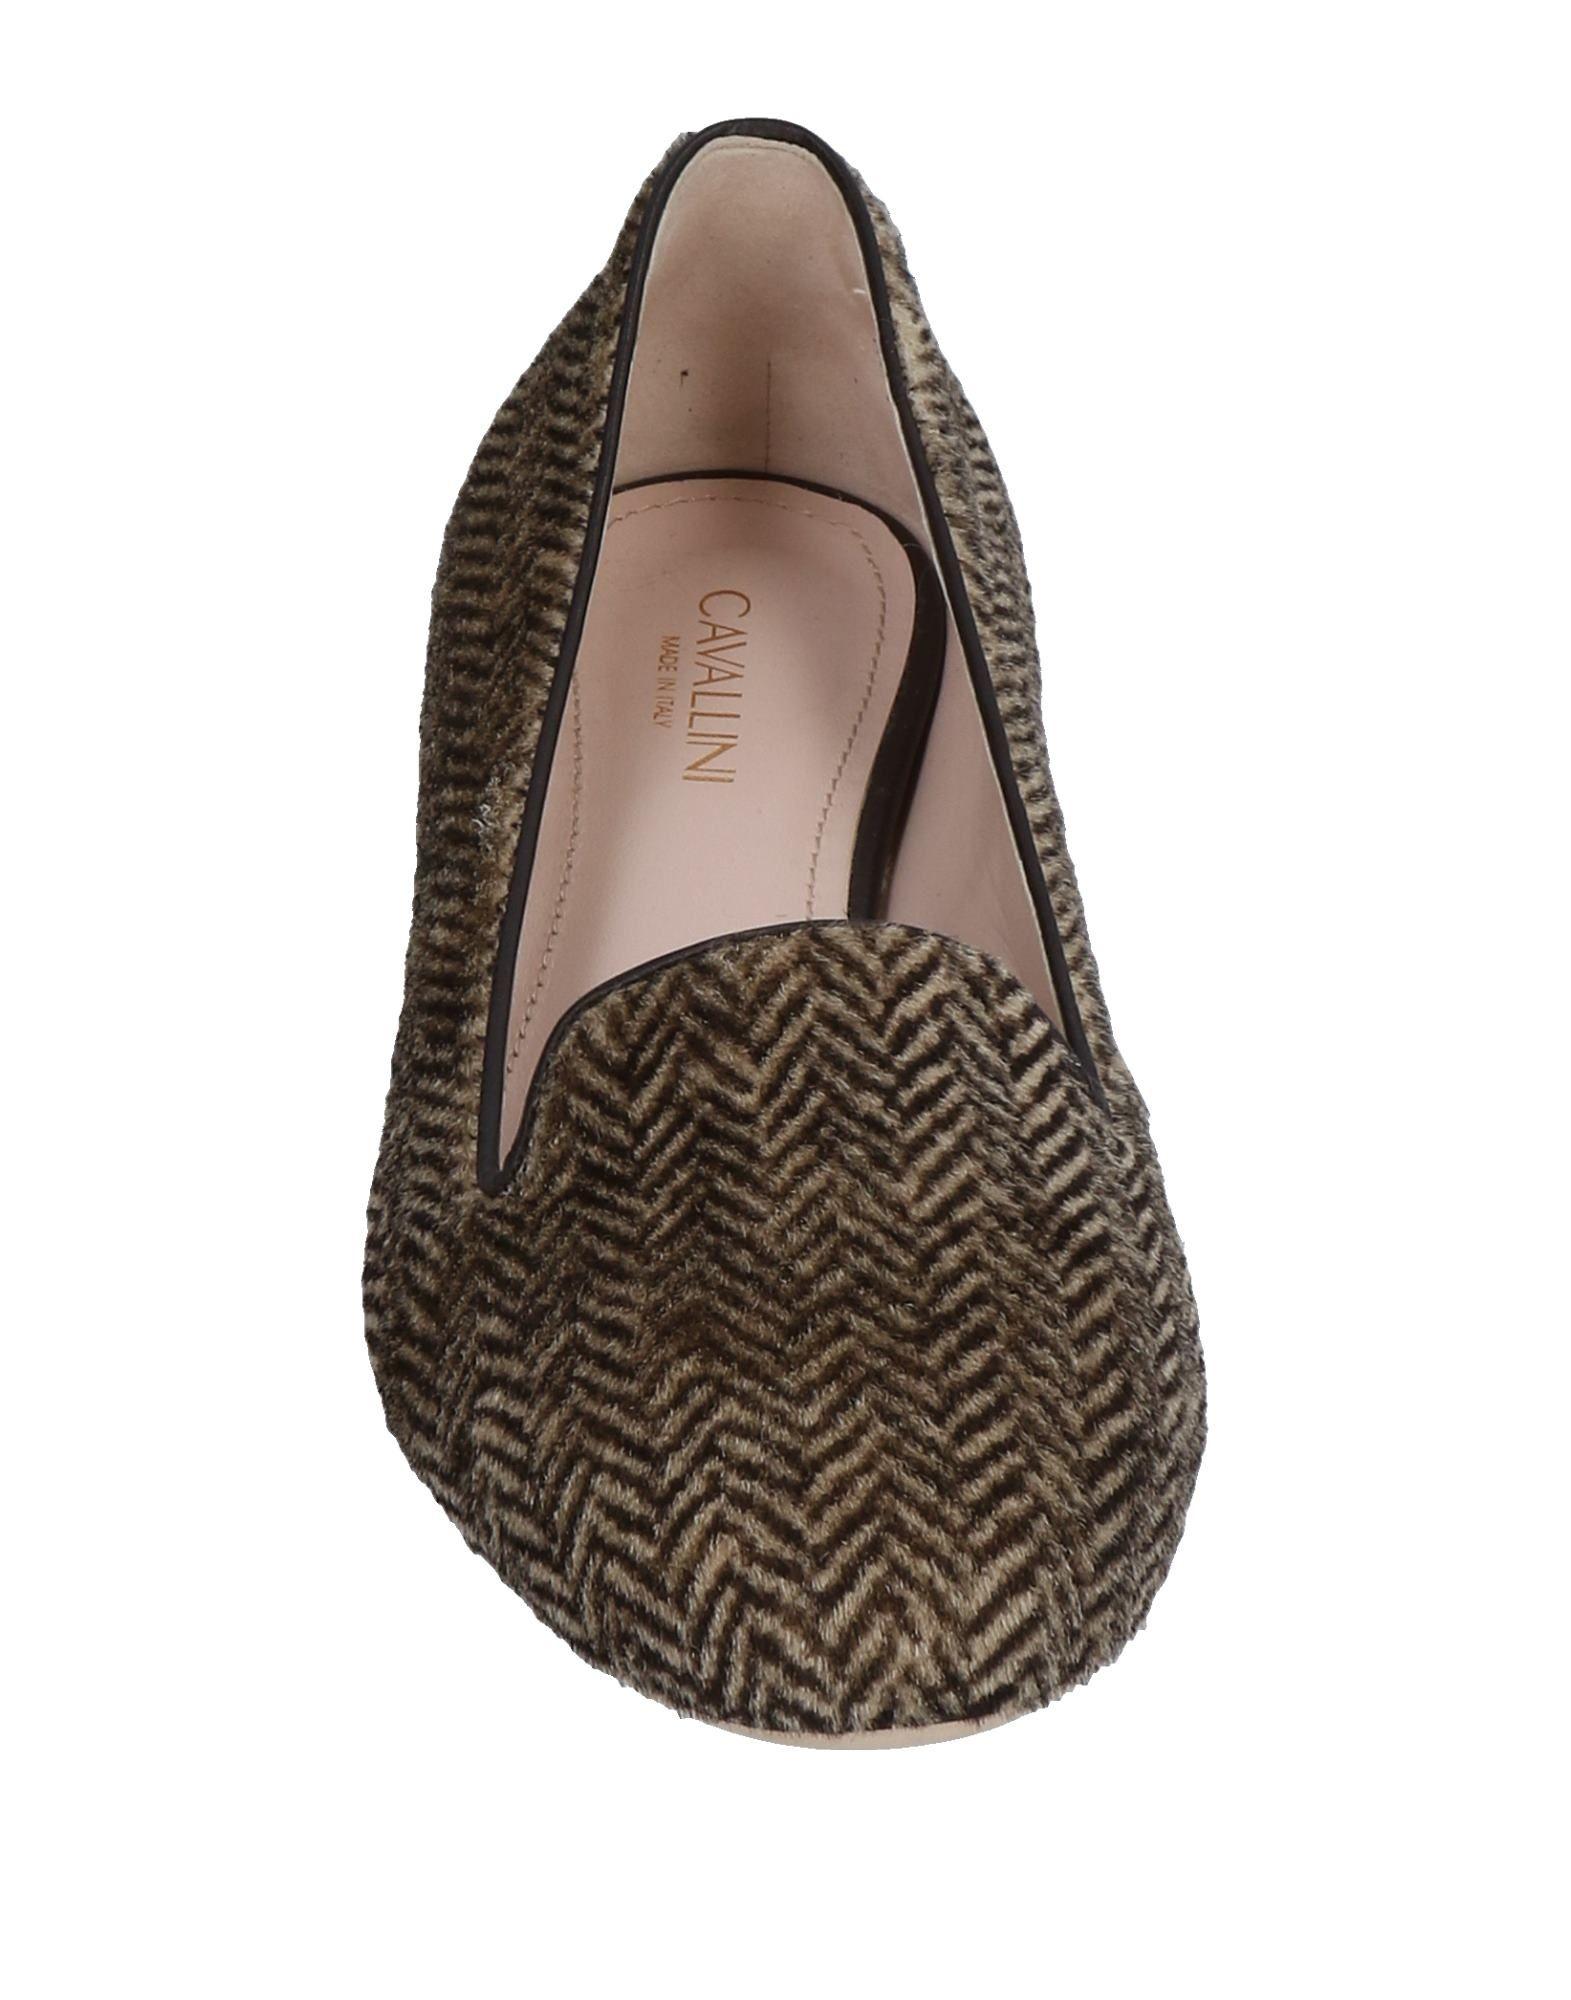 Cavallini Gute Mokassins Damen  11488053AC Gute Cavallini Qualität beliebte Schuhe 407125